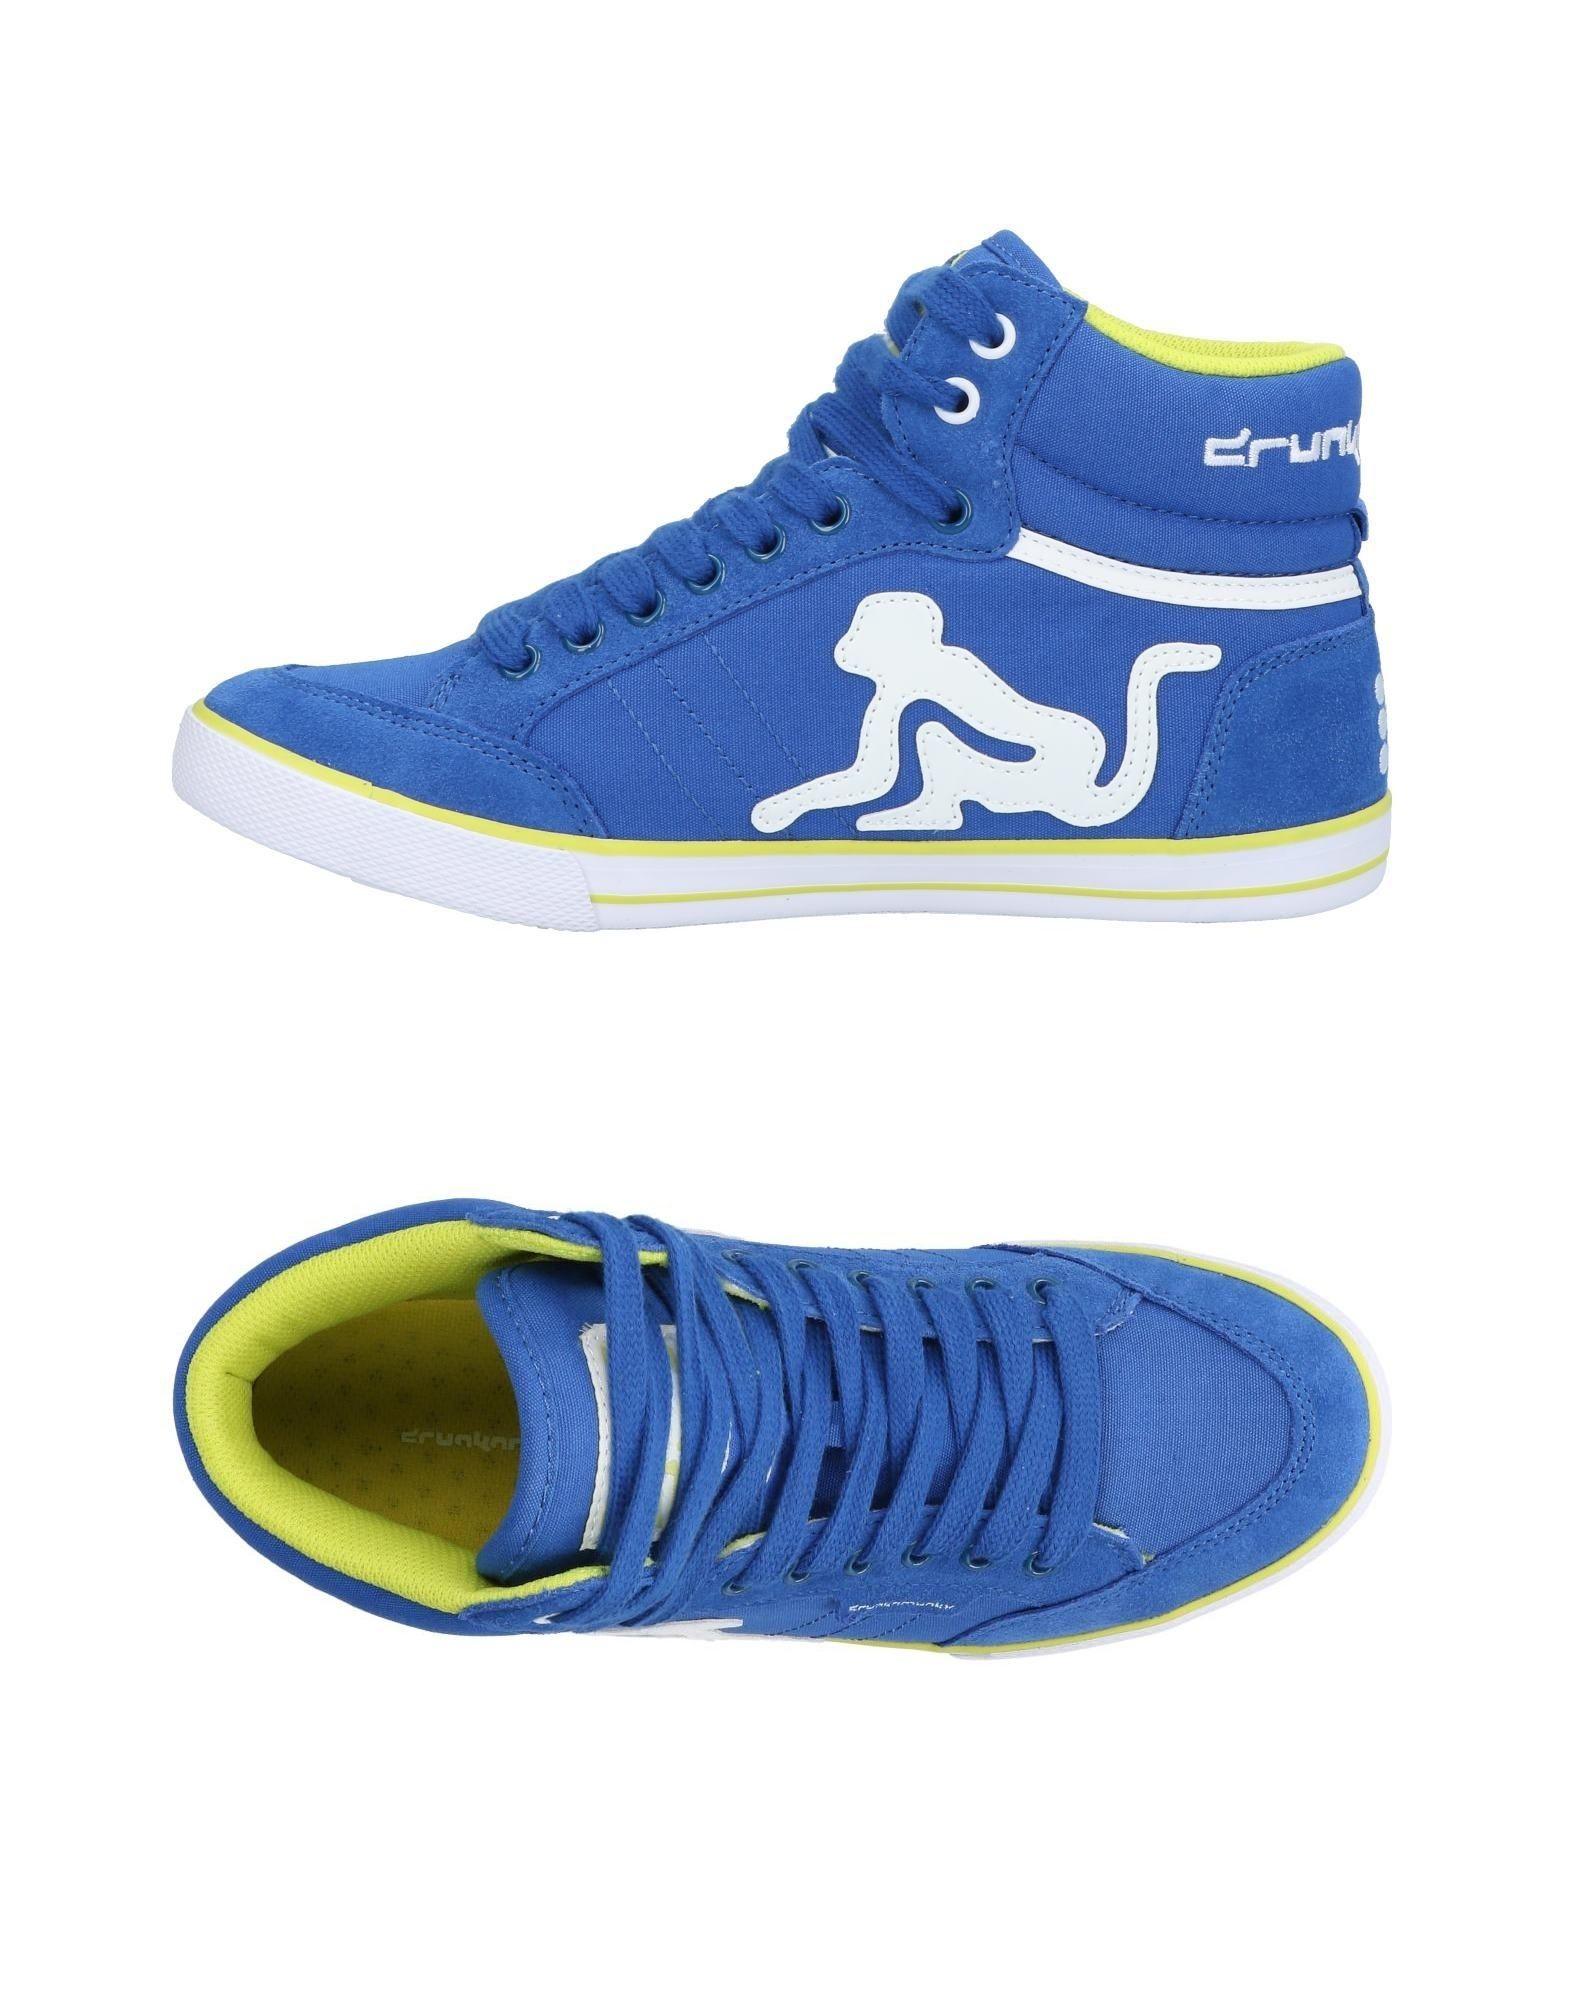 Rabatt echte  Schuhe Drunknmunky Sneakers Herren  echte 11465083EE 7156f0